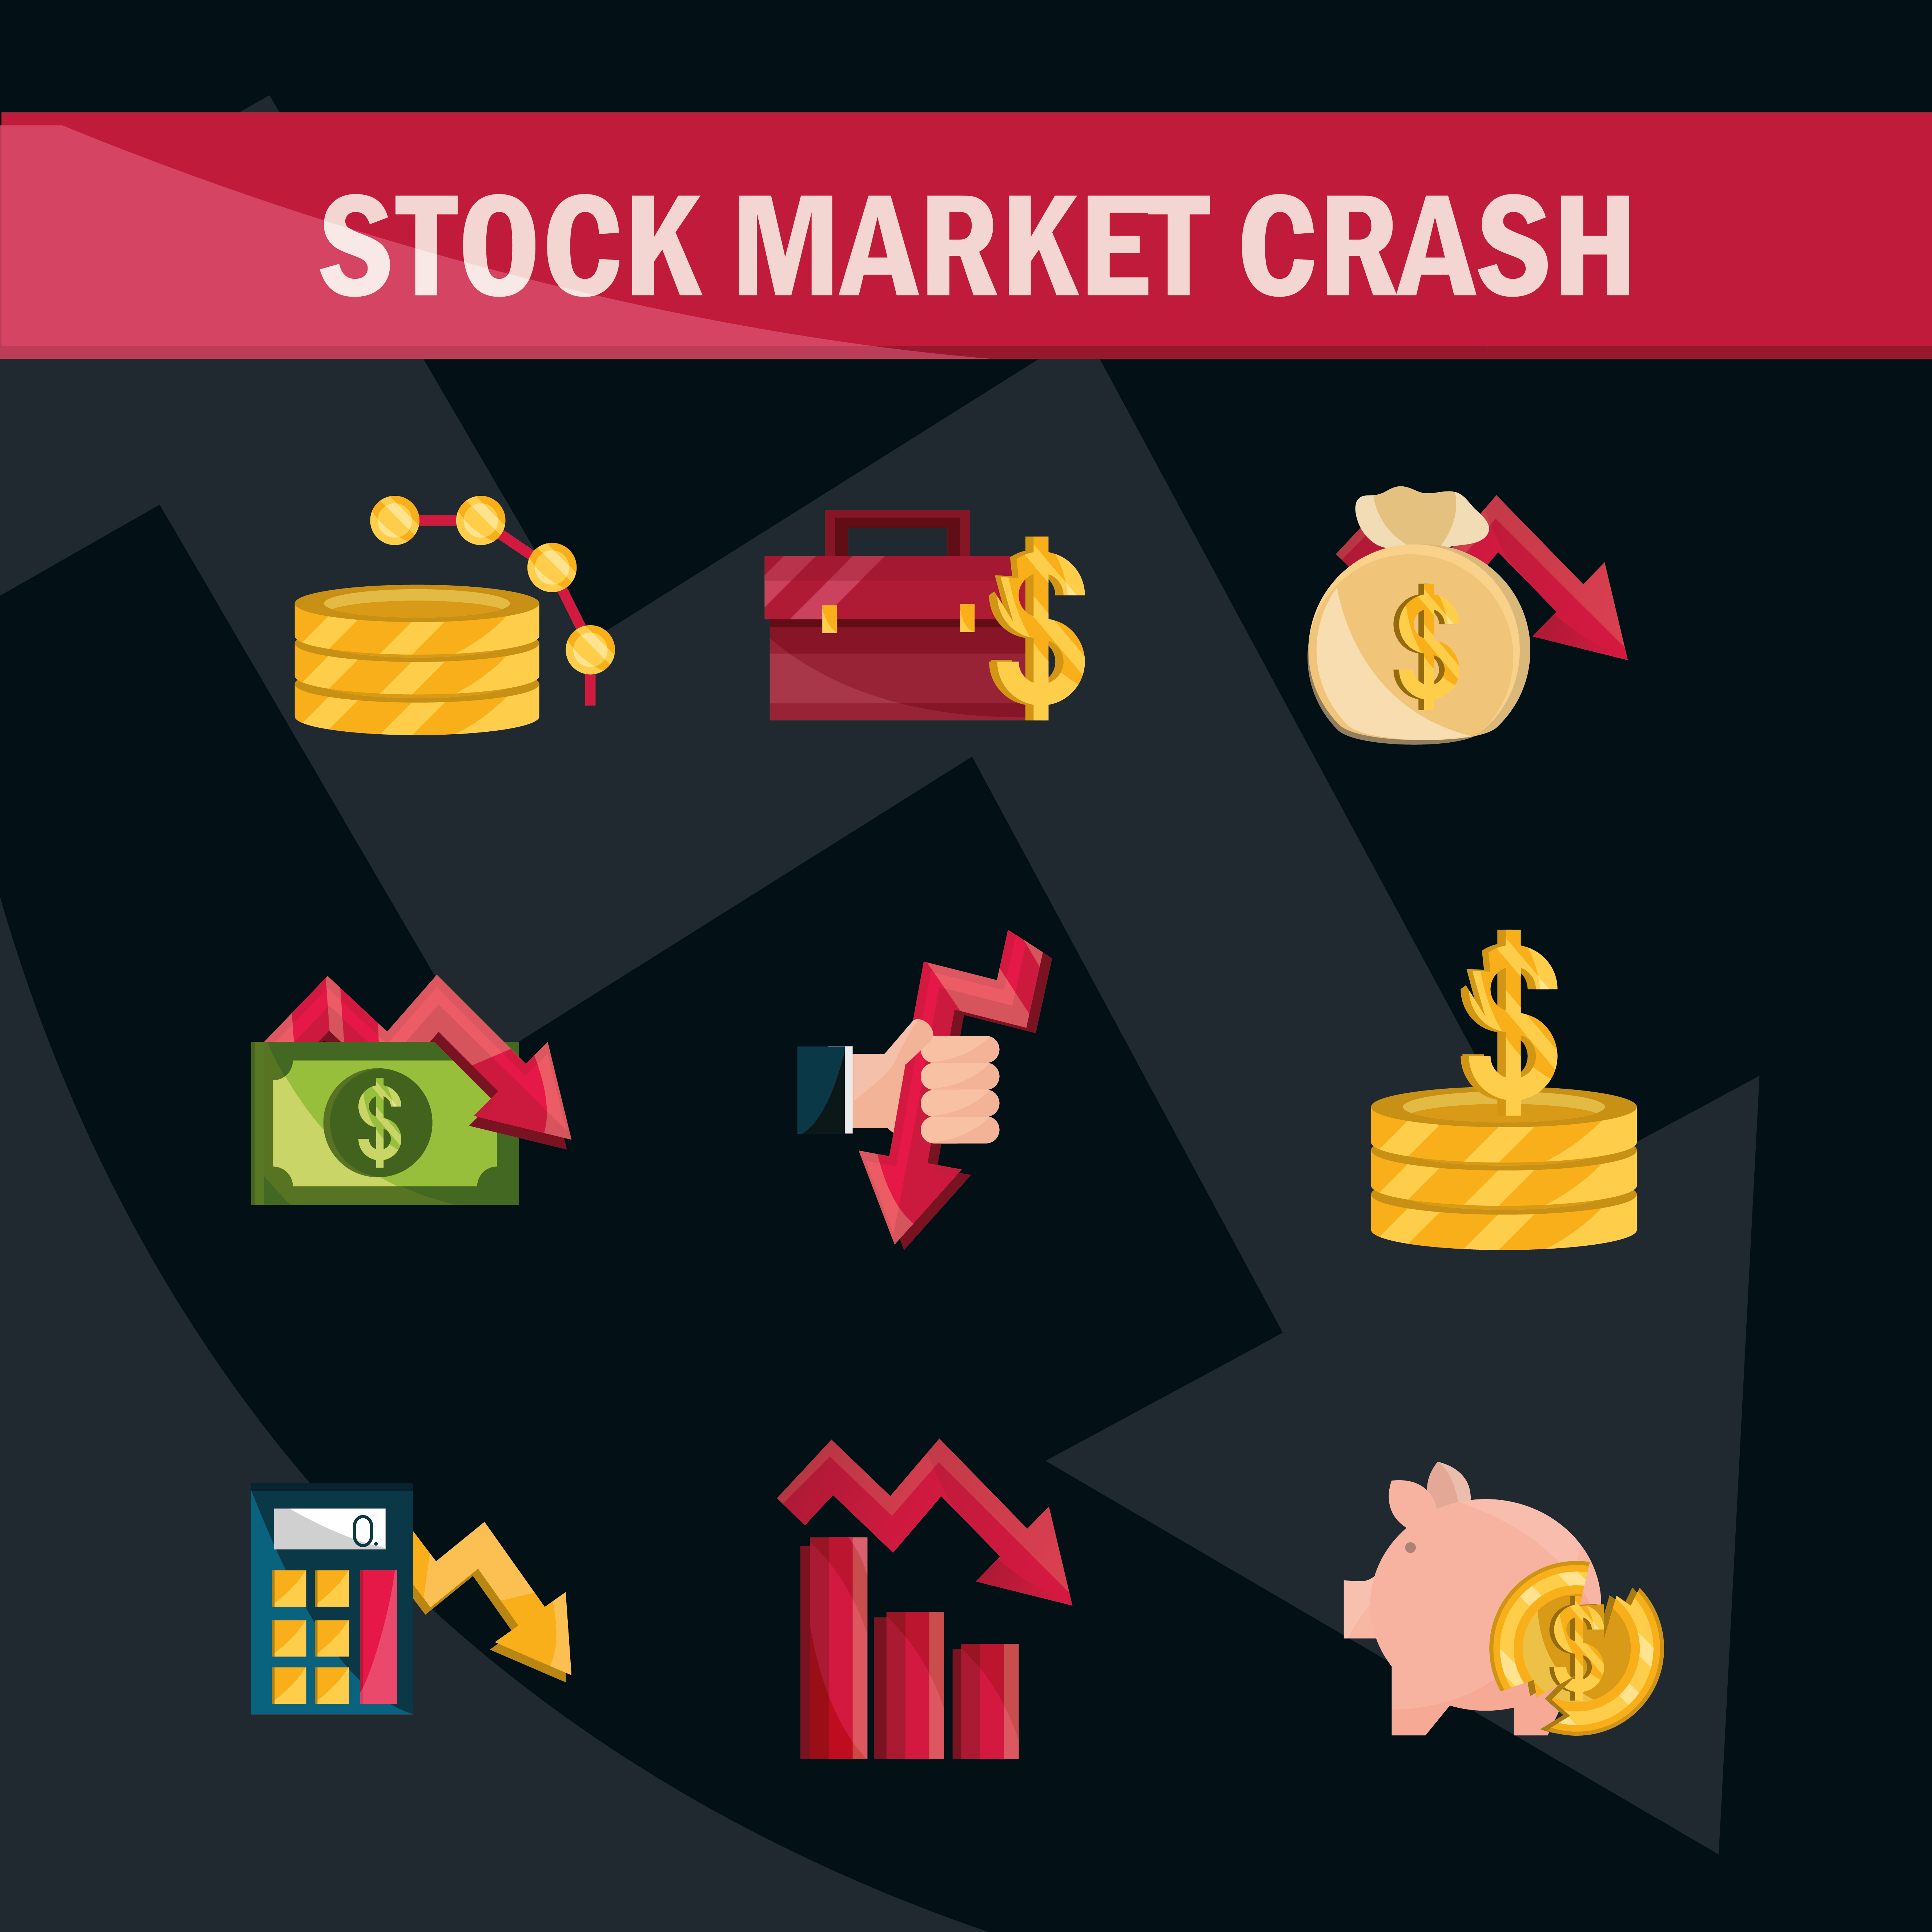 conjunto de iconos de caída del mercado de valores